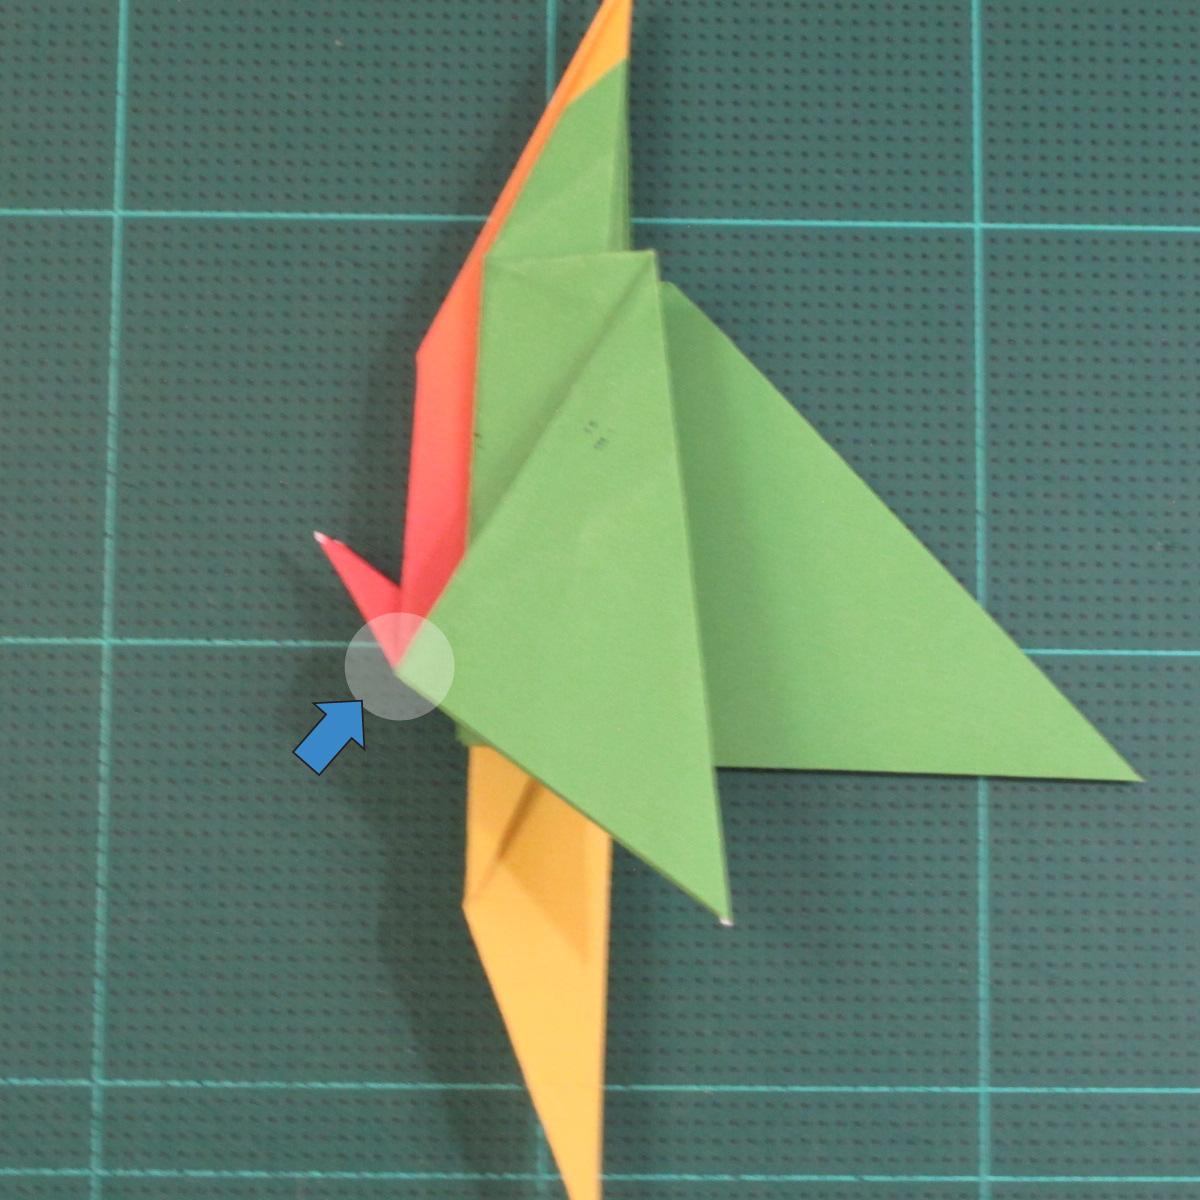 วิธีพับกระดาษเป็นรูปนกแก้ว (Origami Parrot) 030